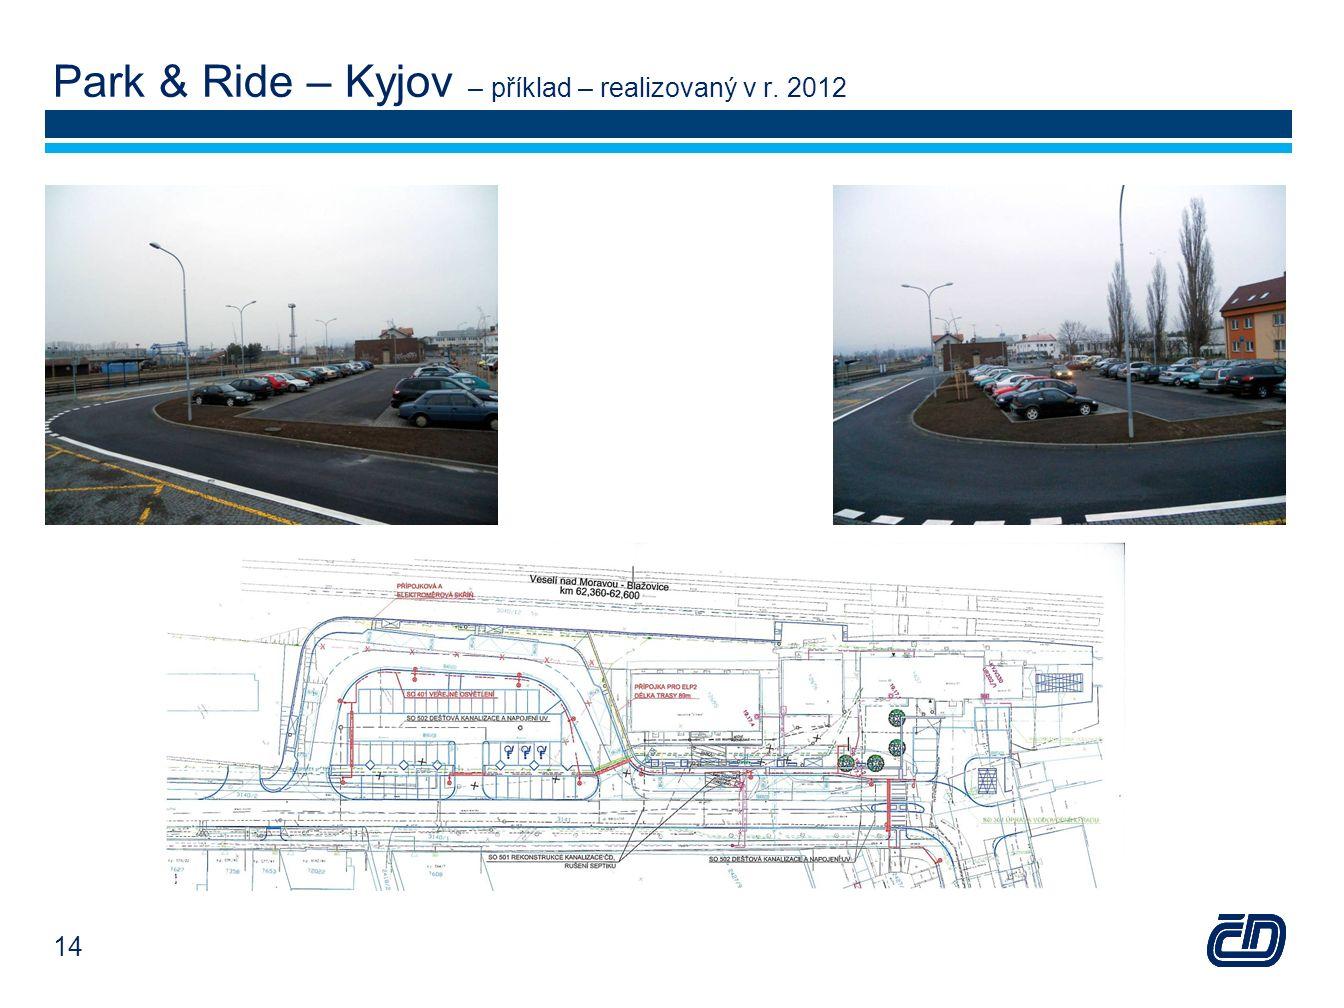 Park & Ride – Kyjov – příklad – realizovaný v r. 2012 14